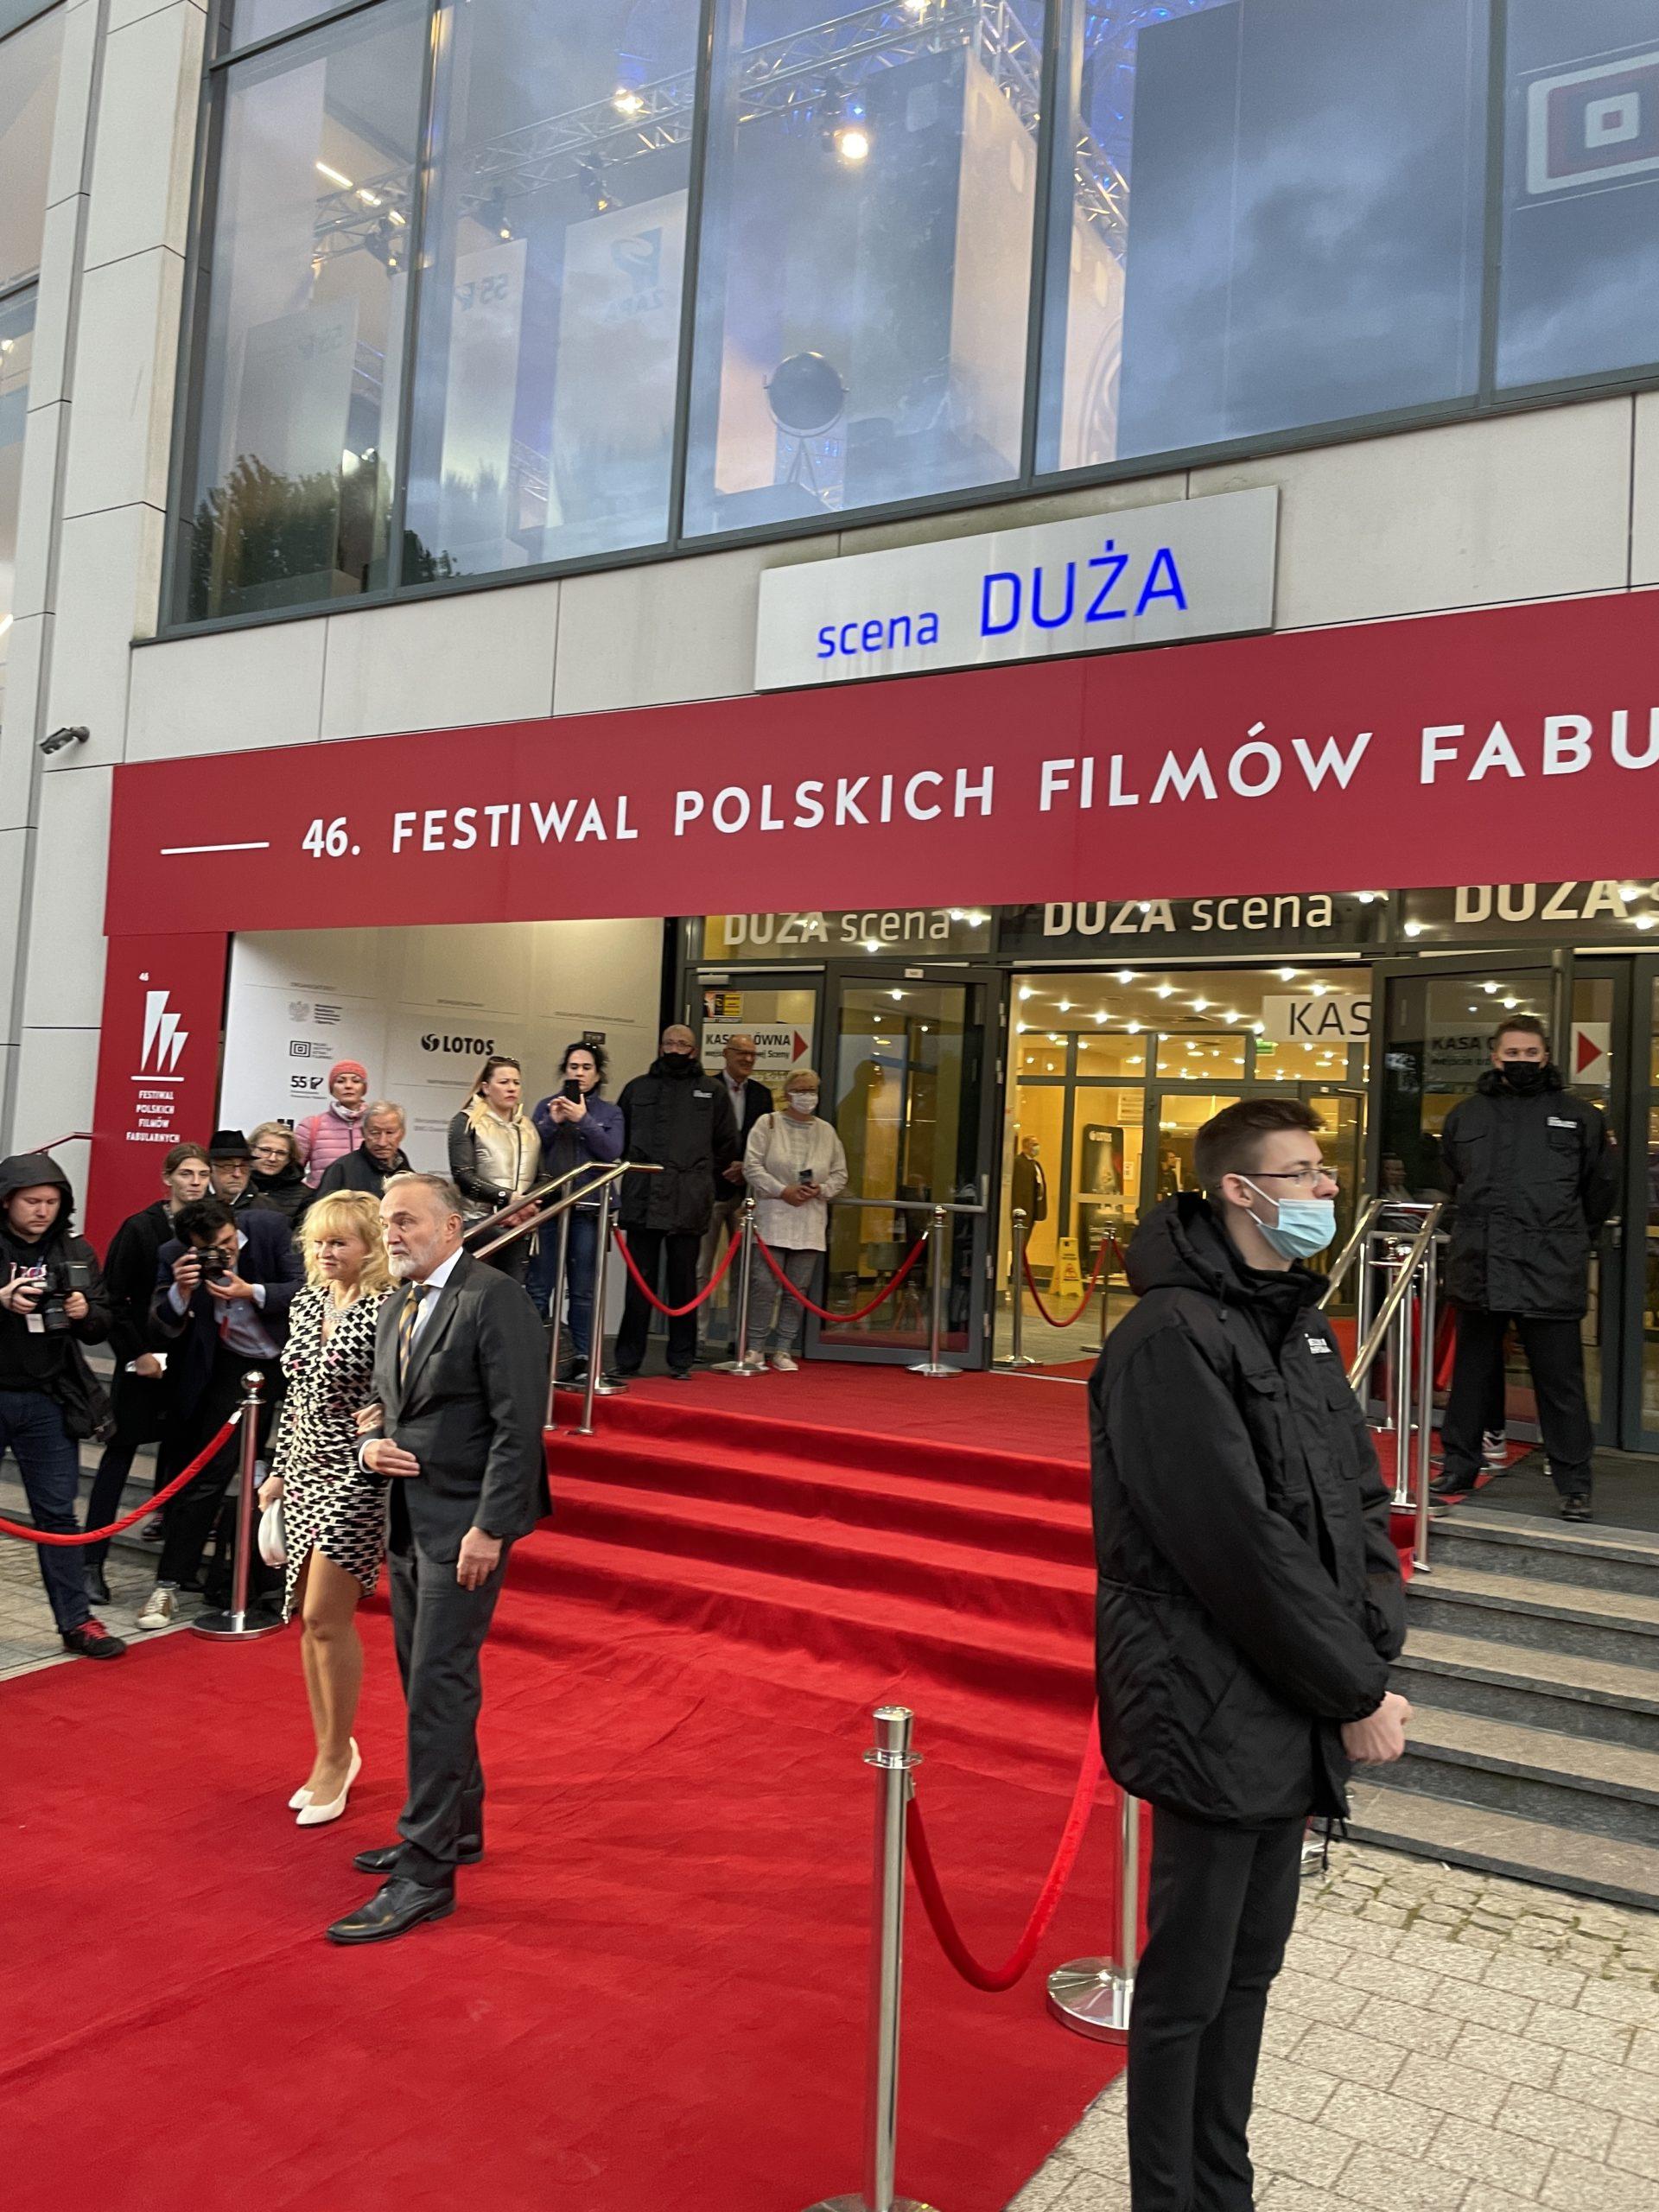 46 festiwal filmowy scena duza gdynia grupa igielski ochrona scaled